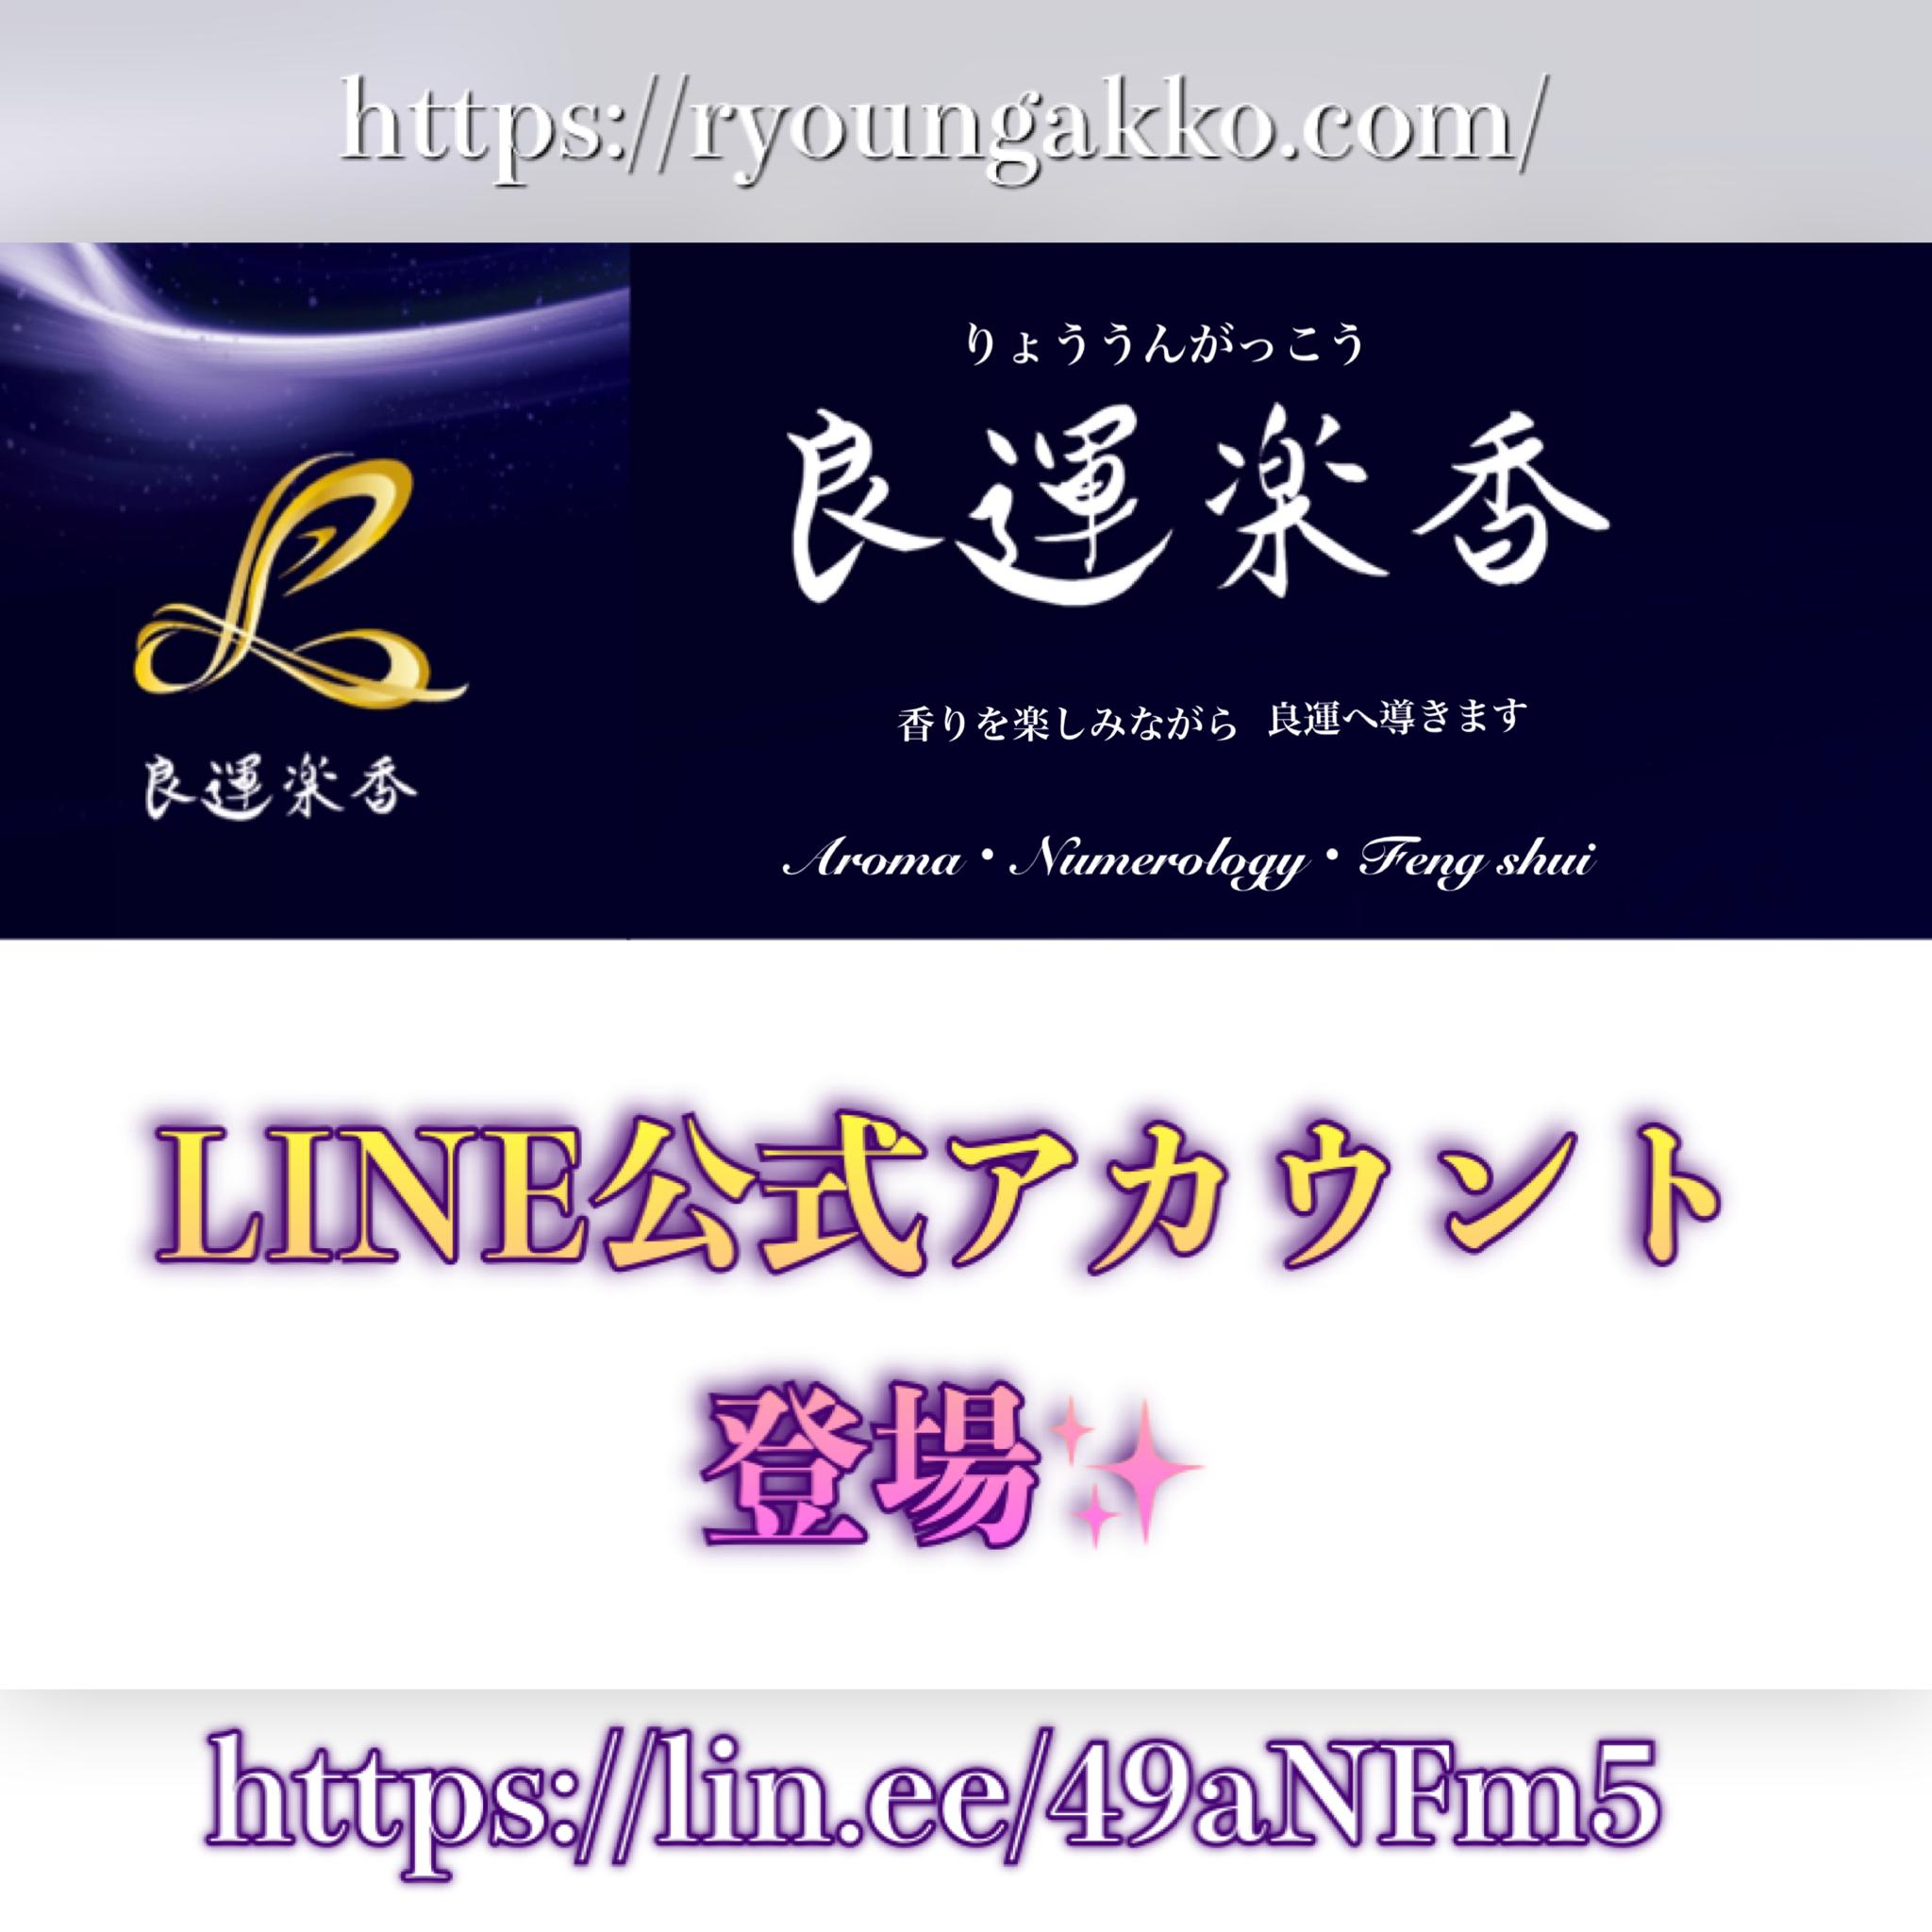 良運楽香💫 LINE公式アカウント登場!!